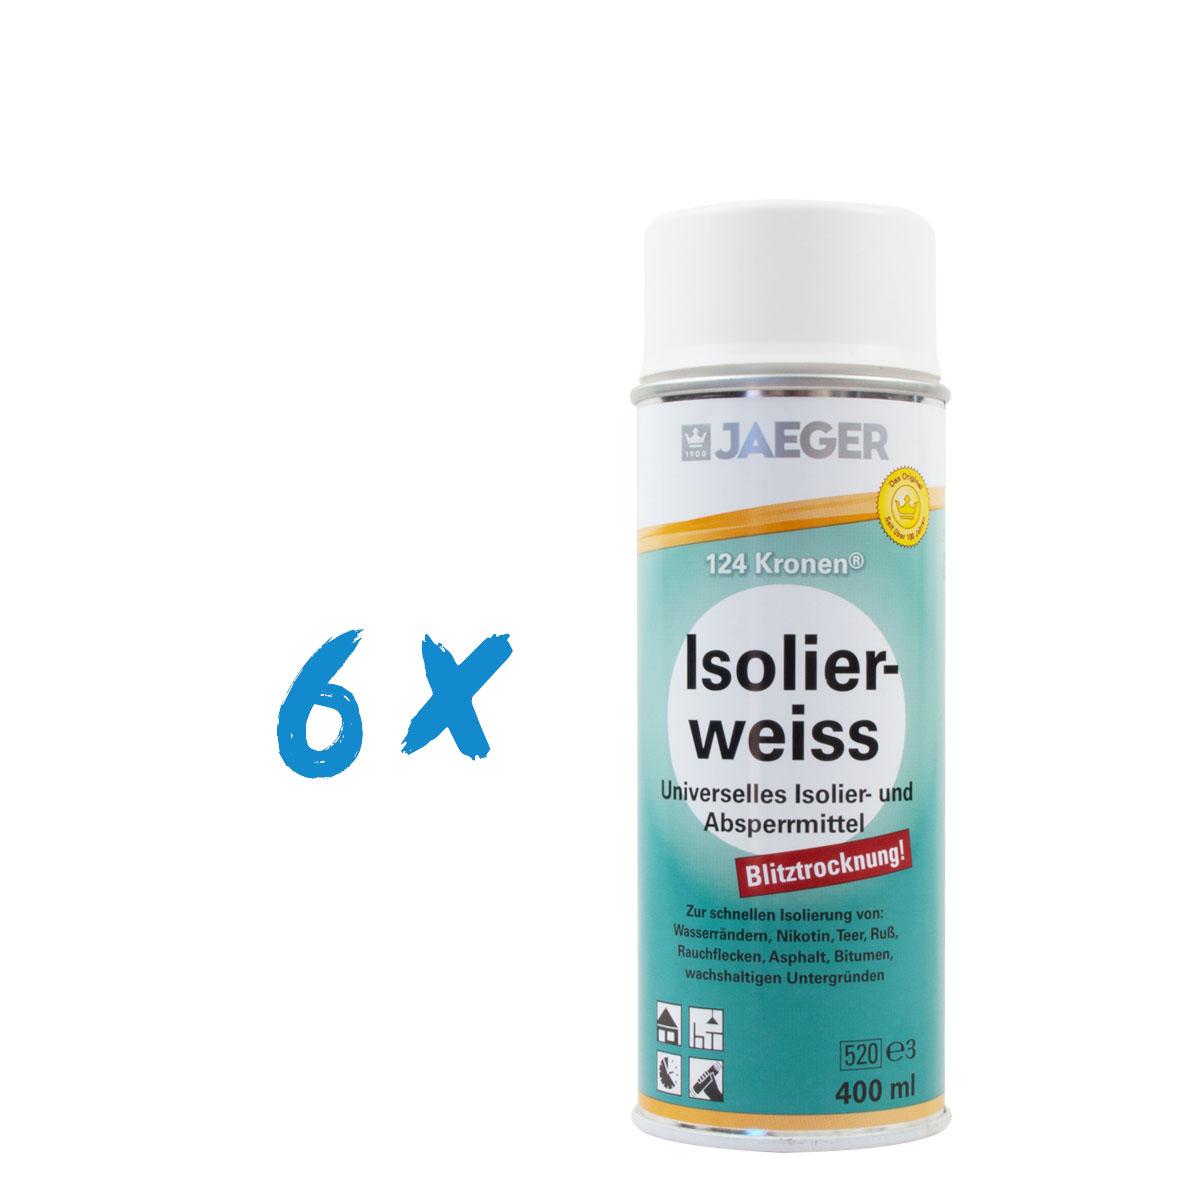 6 x Jaeger 124 Kronen Isolierweiss 400ml Isolierspray, weiß